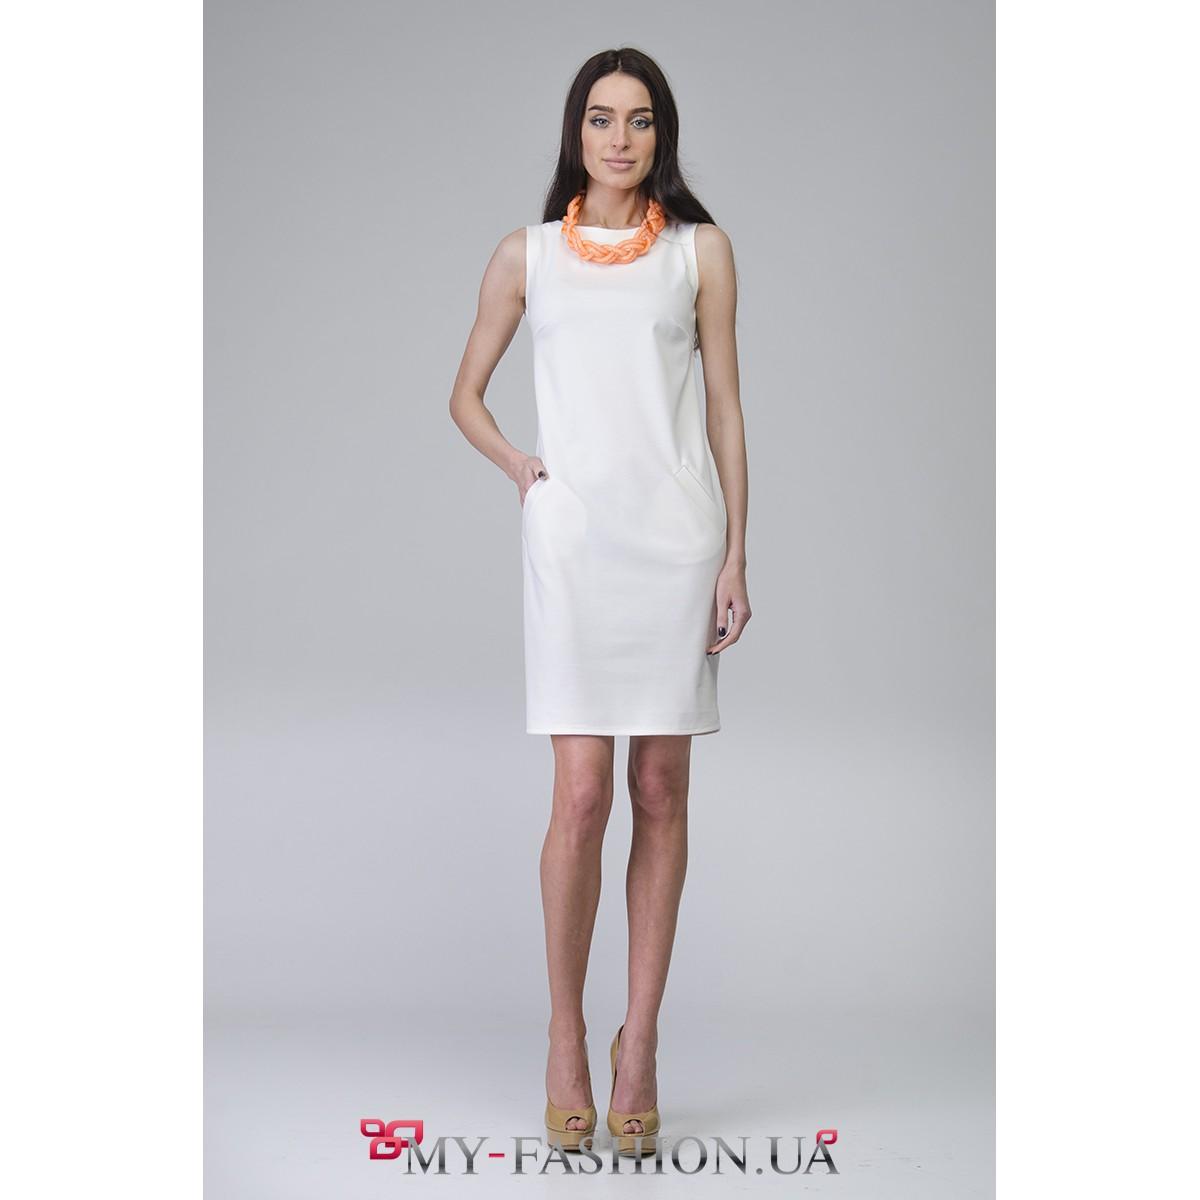 Платья белого цвета с доставкой